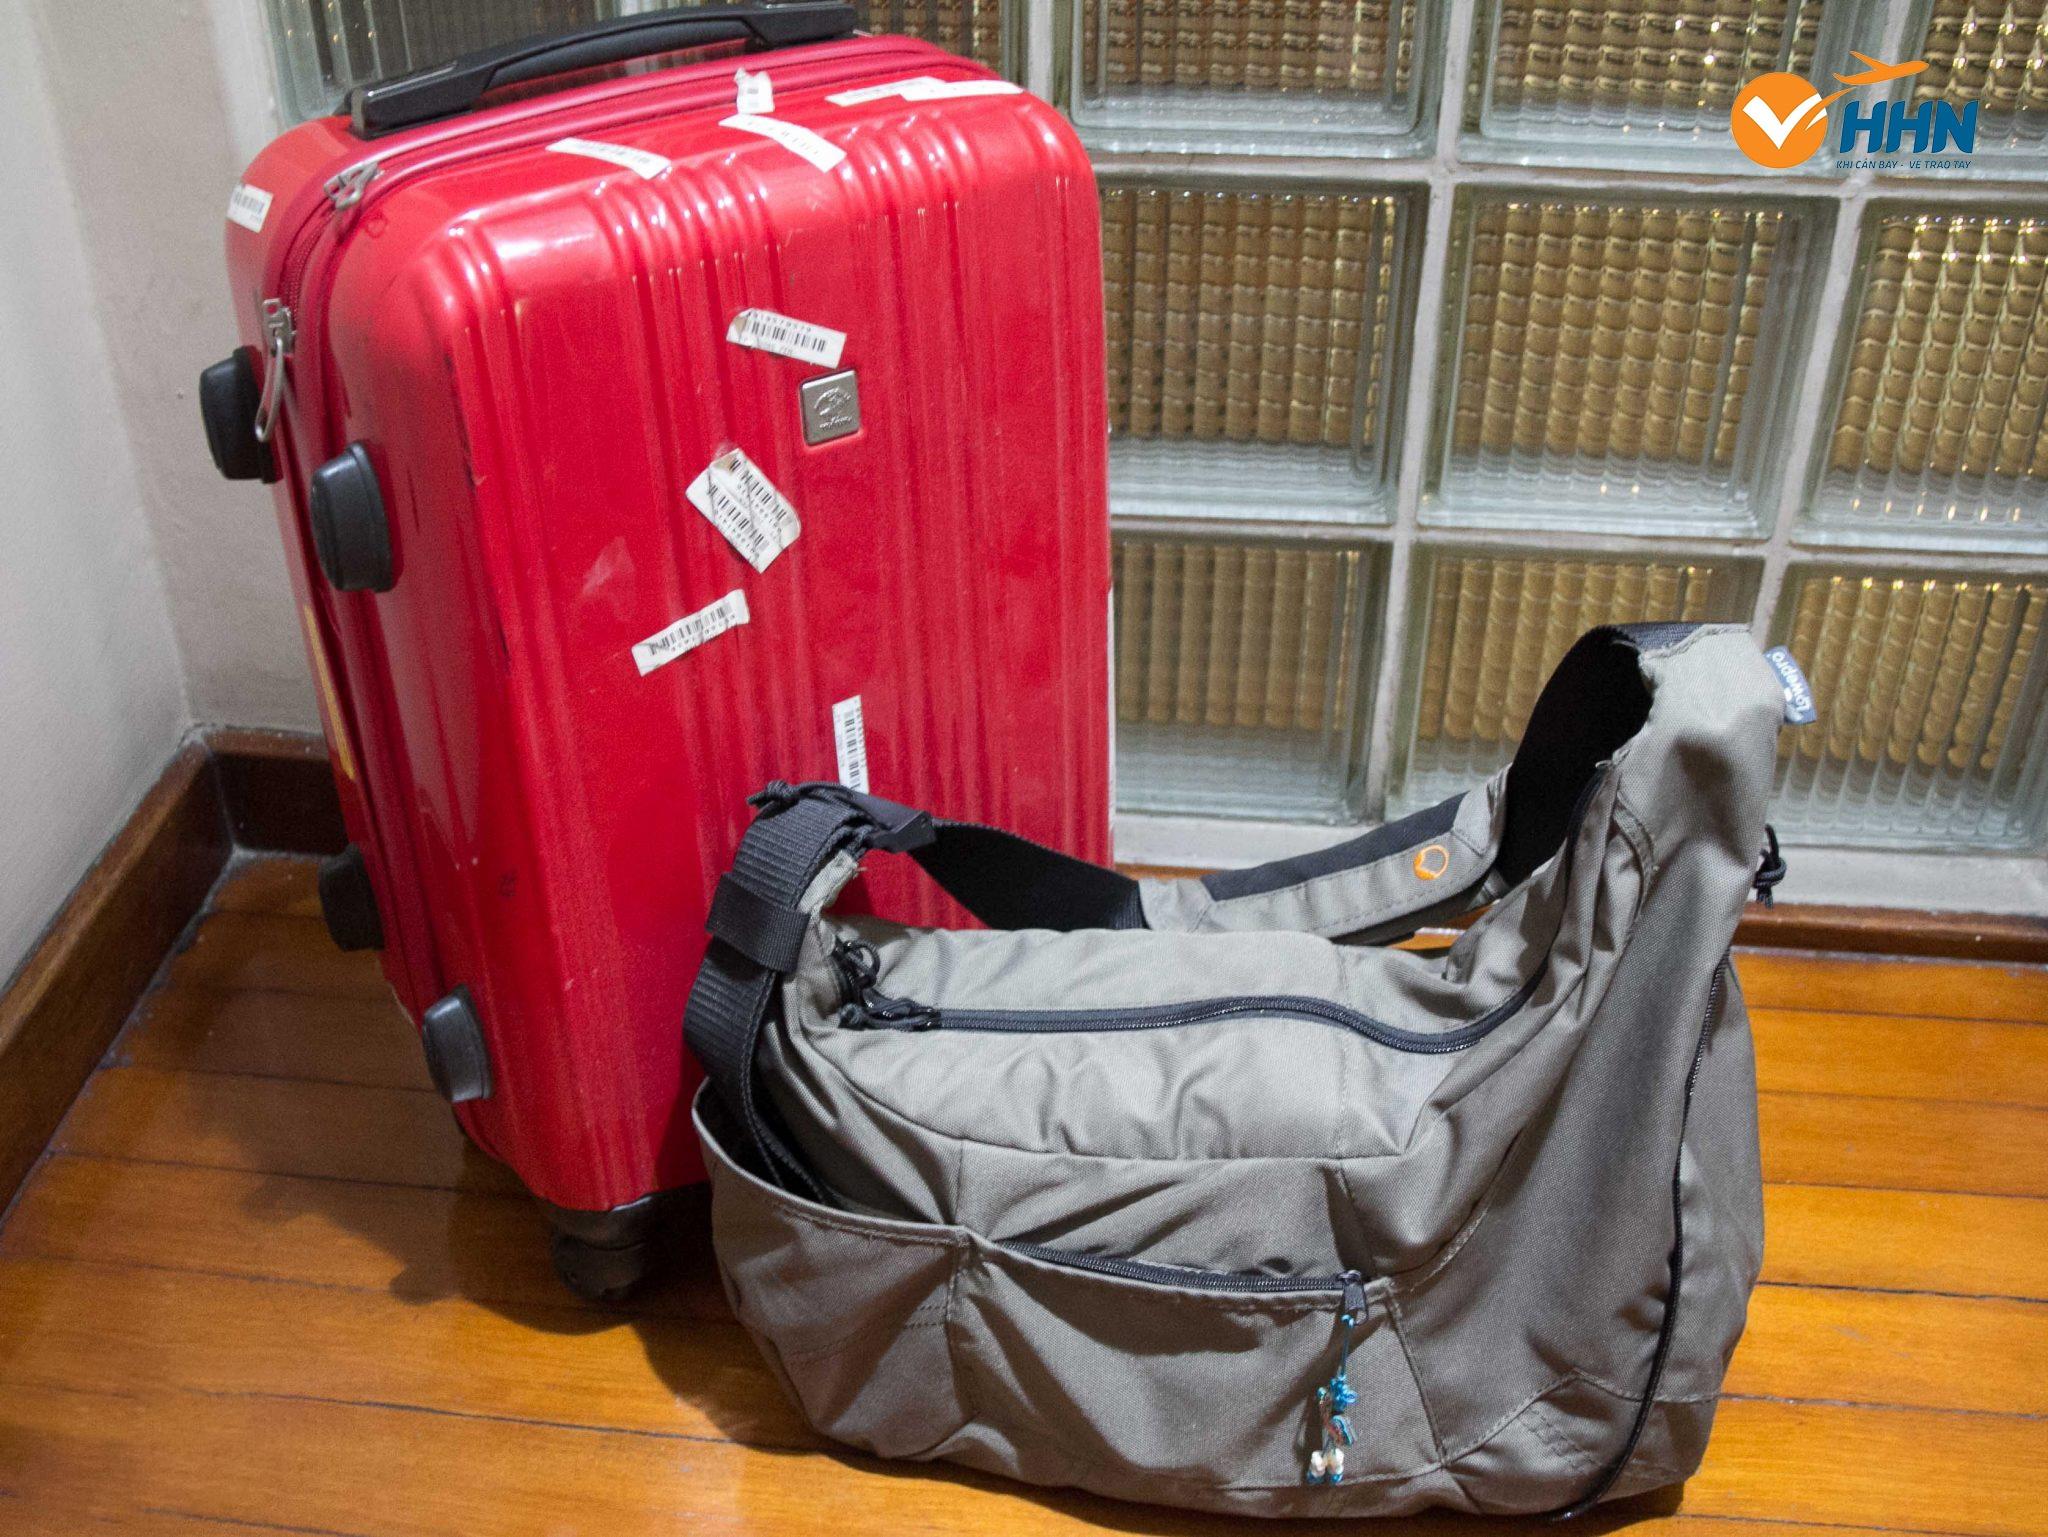 Kích thước hành lý xách tay mang lên máy bay